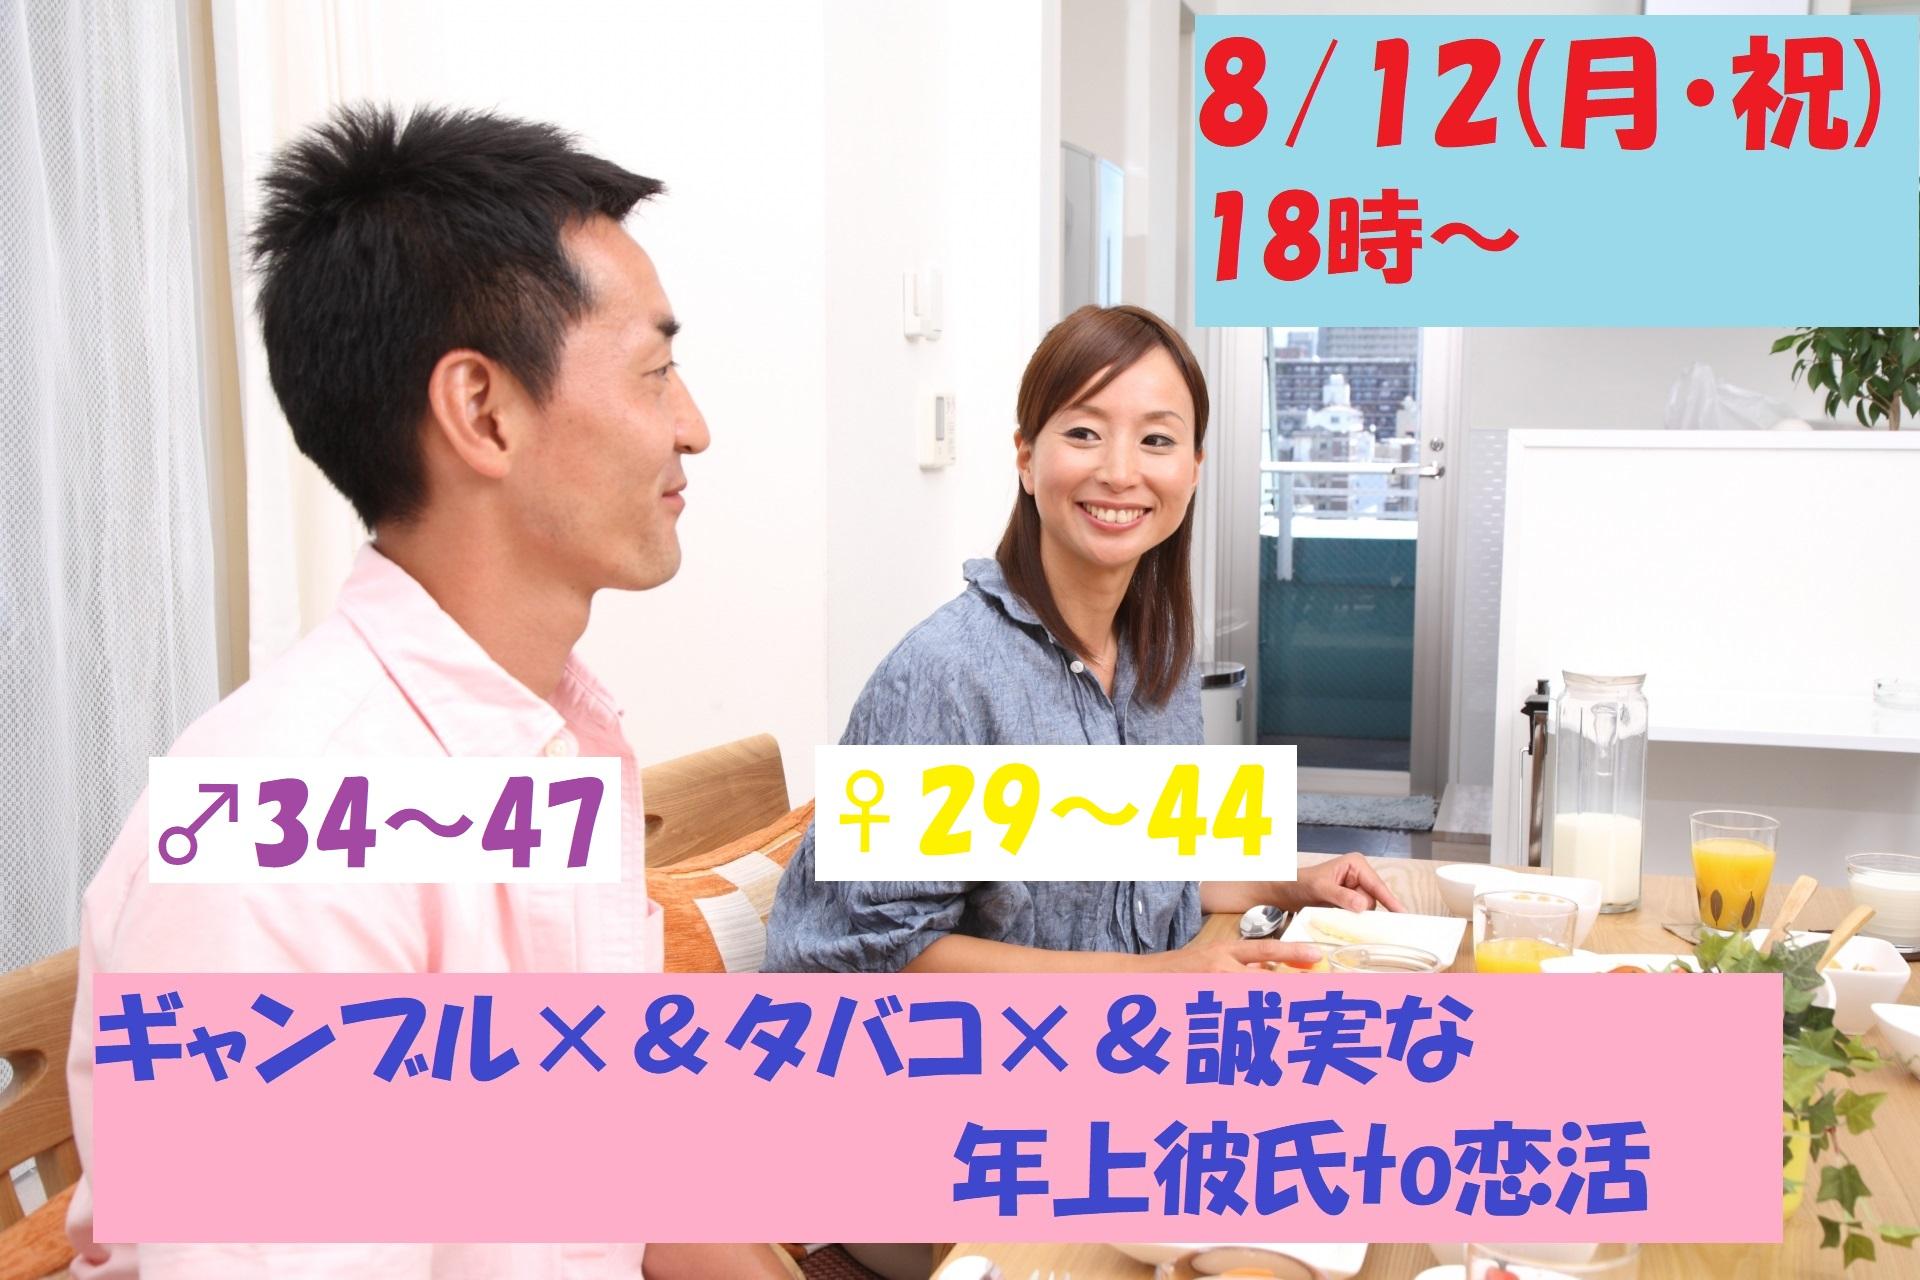 【終了】8月12日(月・祝)18時~【男性34~47歳,女性29~44歳】ギャンブル×&タバコ×&誠実な年上彼氏to恋活!